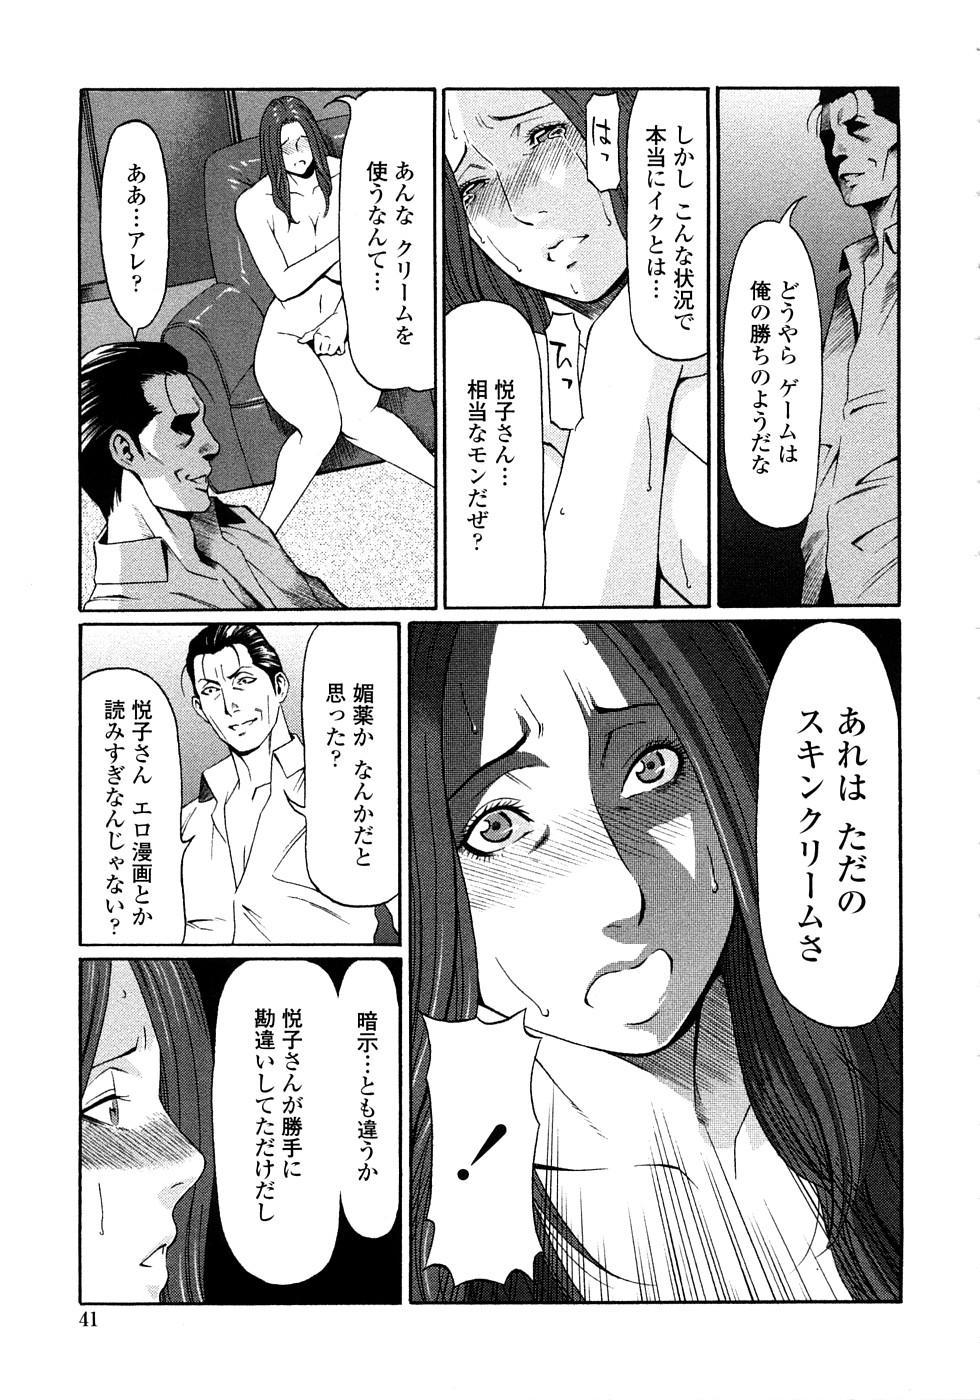 Etsuraku no Tobira - The Door of Sexual Pleasure 39